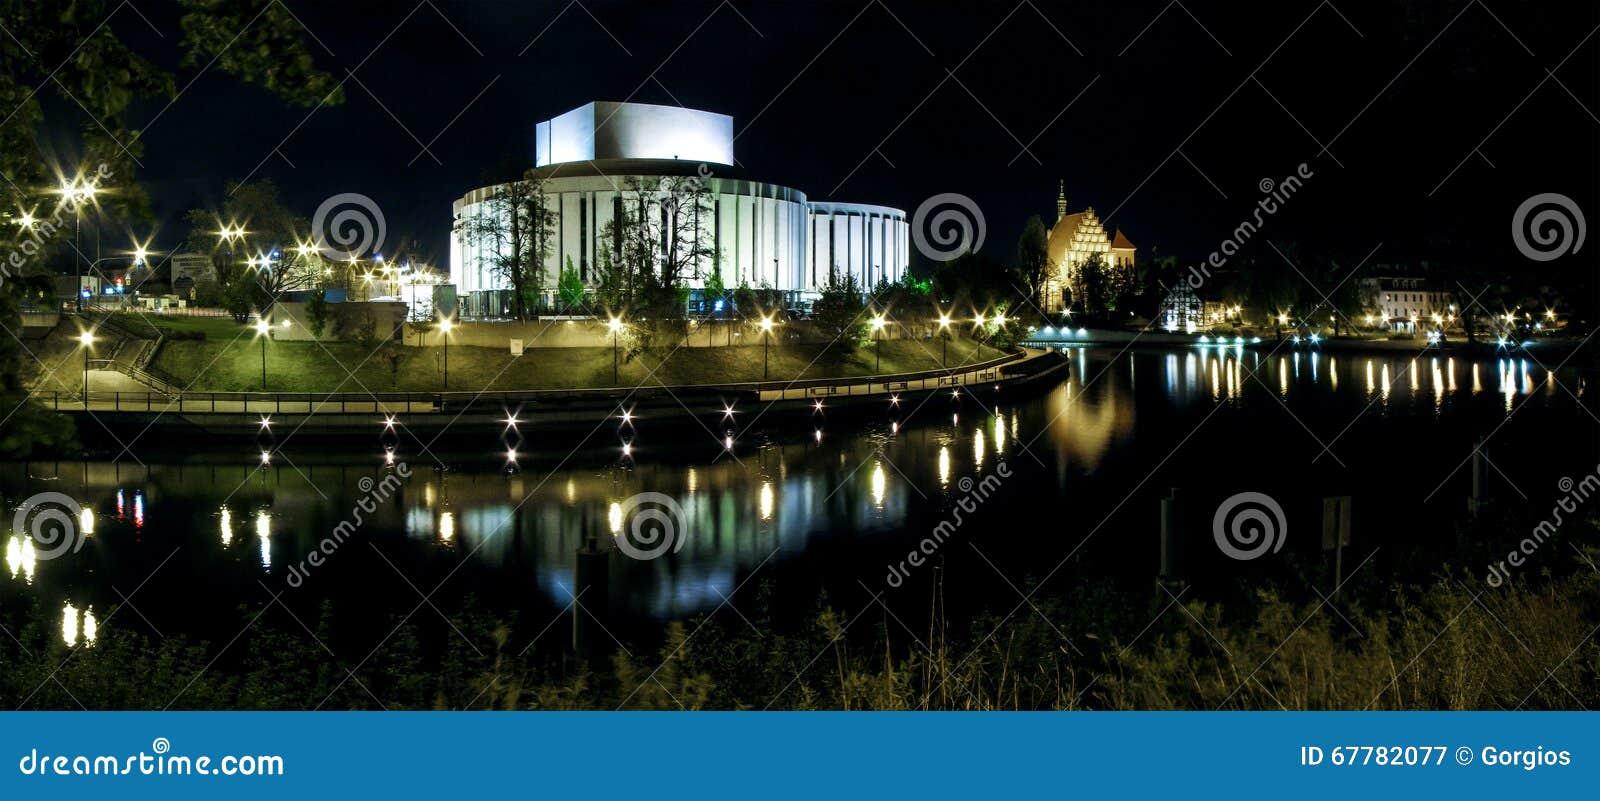 Poland, Bydgoszcz